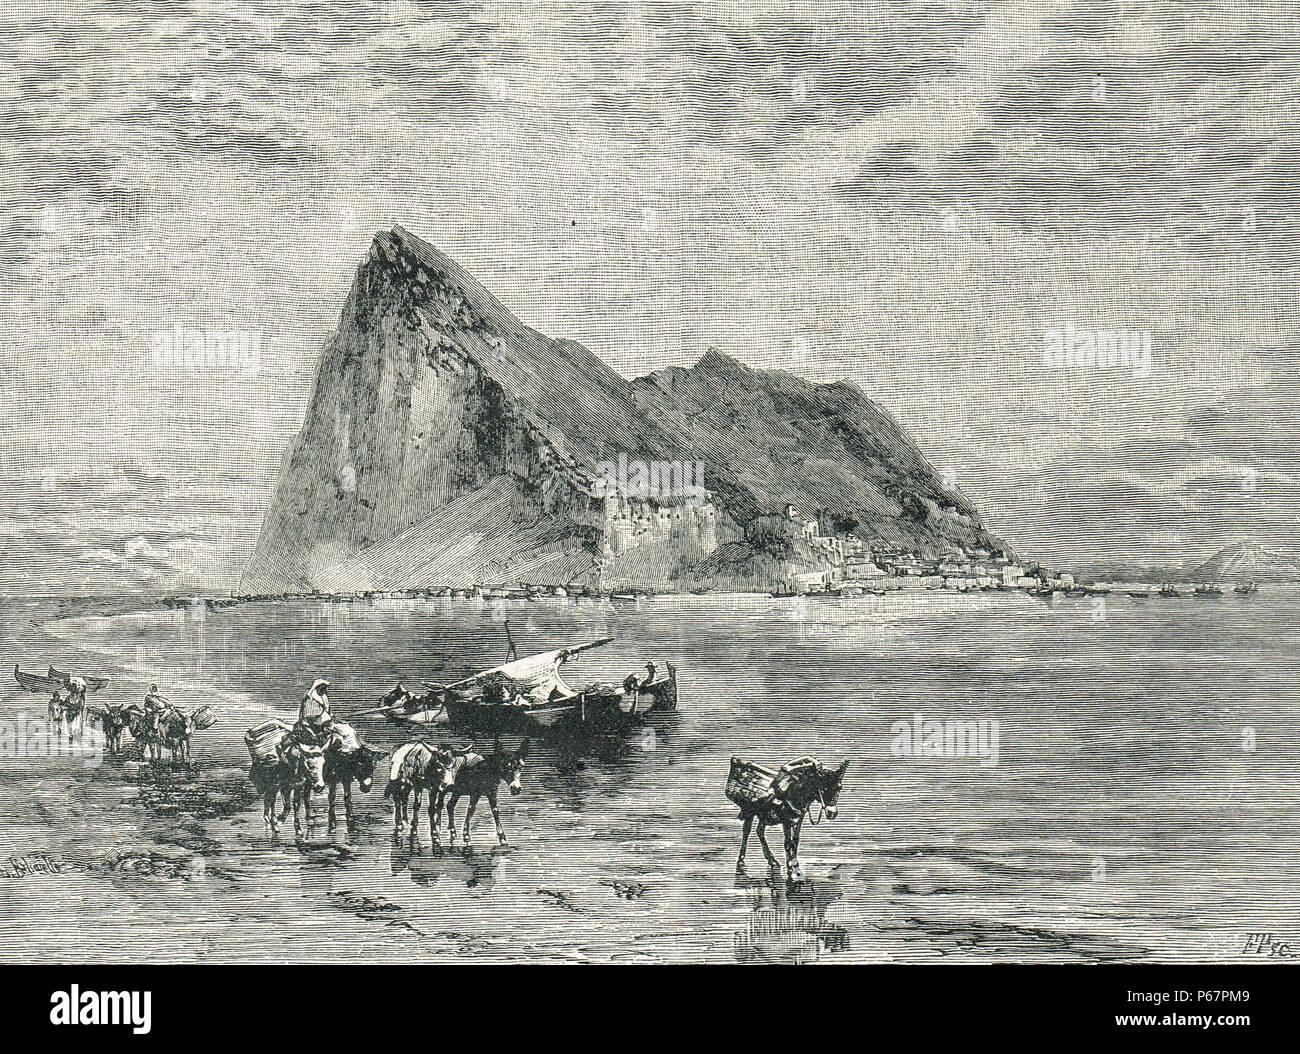 Felsen von Gibraltar, Abbildung 19. Stockfoto